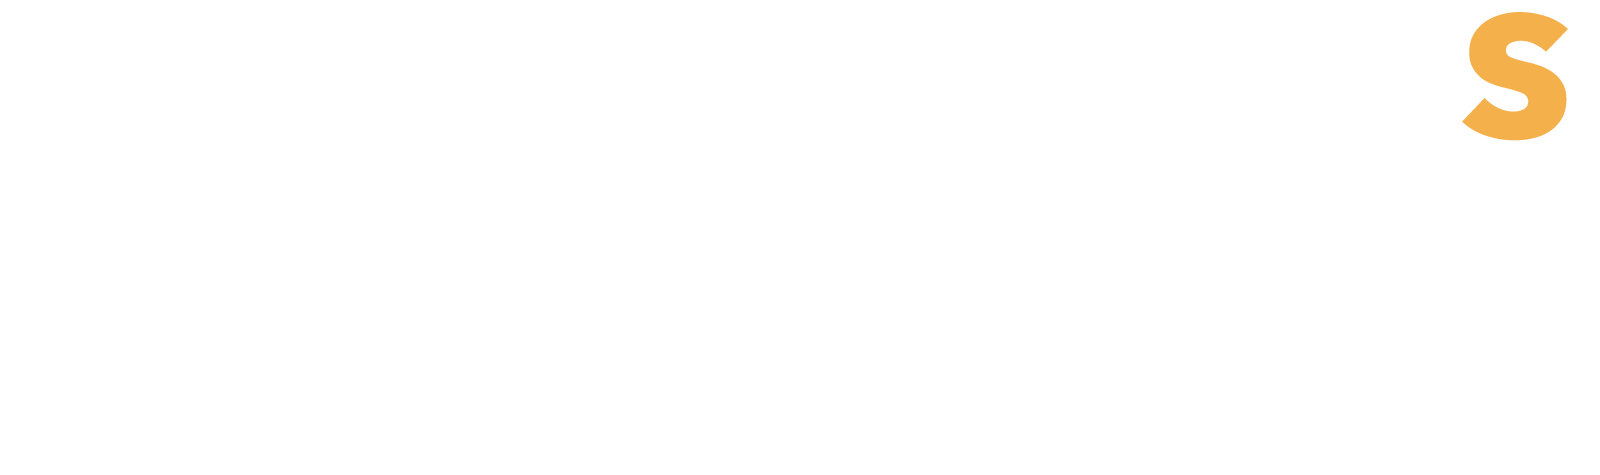 nunus-white